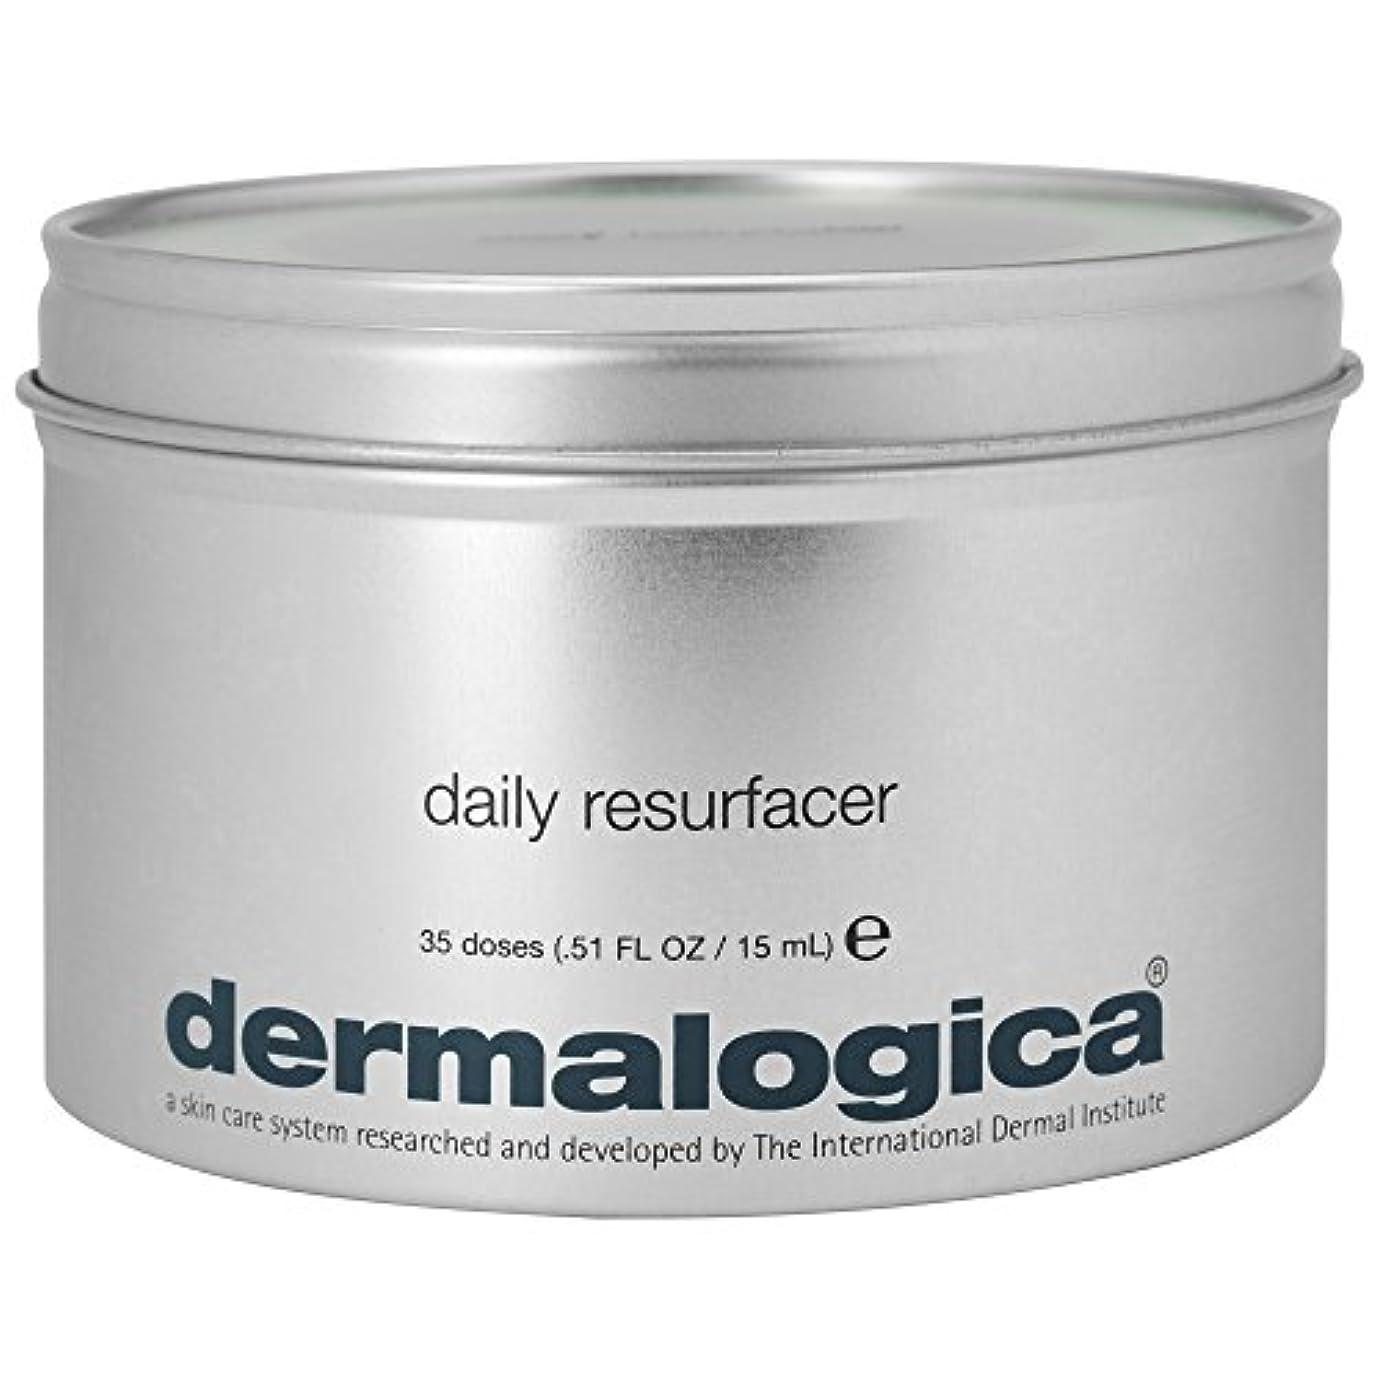 35のダーマロジカ毎日Resurfacerパック (Dermalogica) - Dermalogica Daily Resurfacer Pack of 35 [並行輸入品]